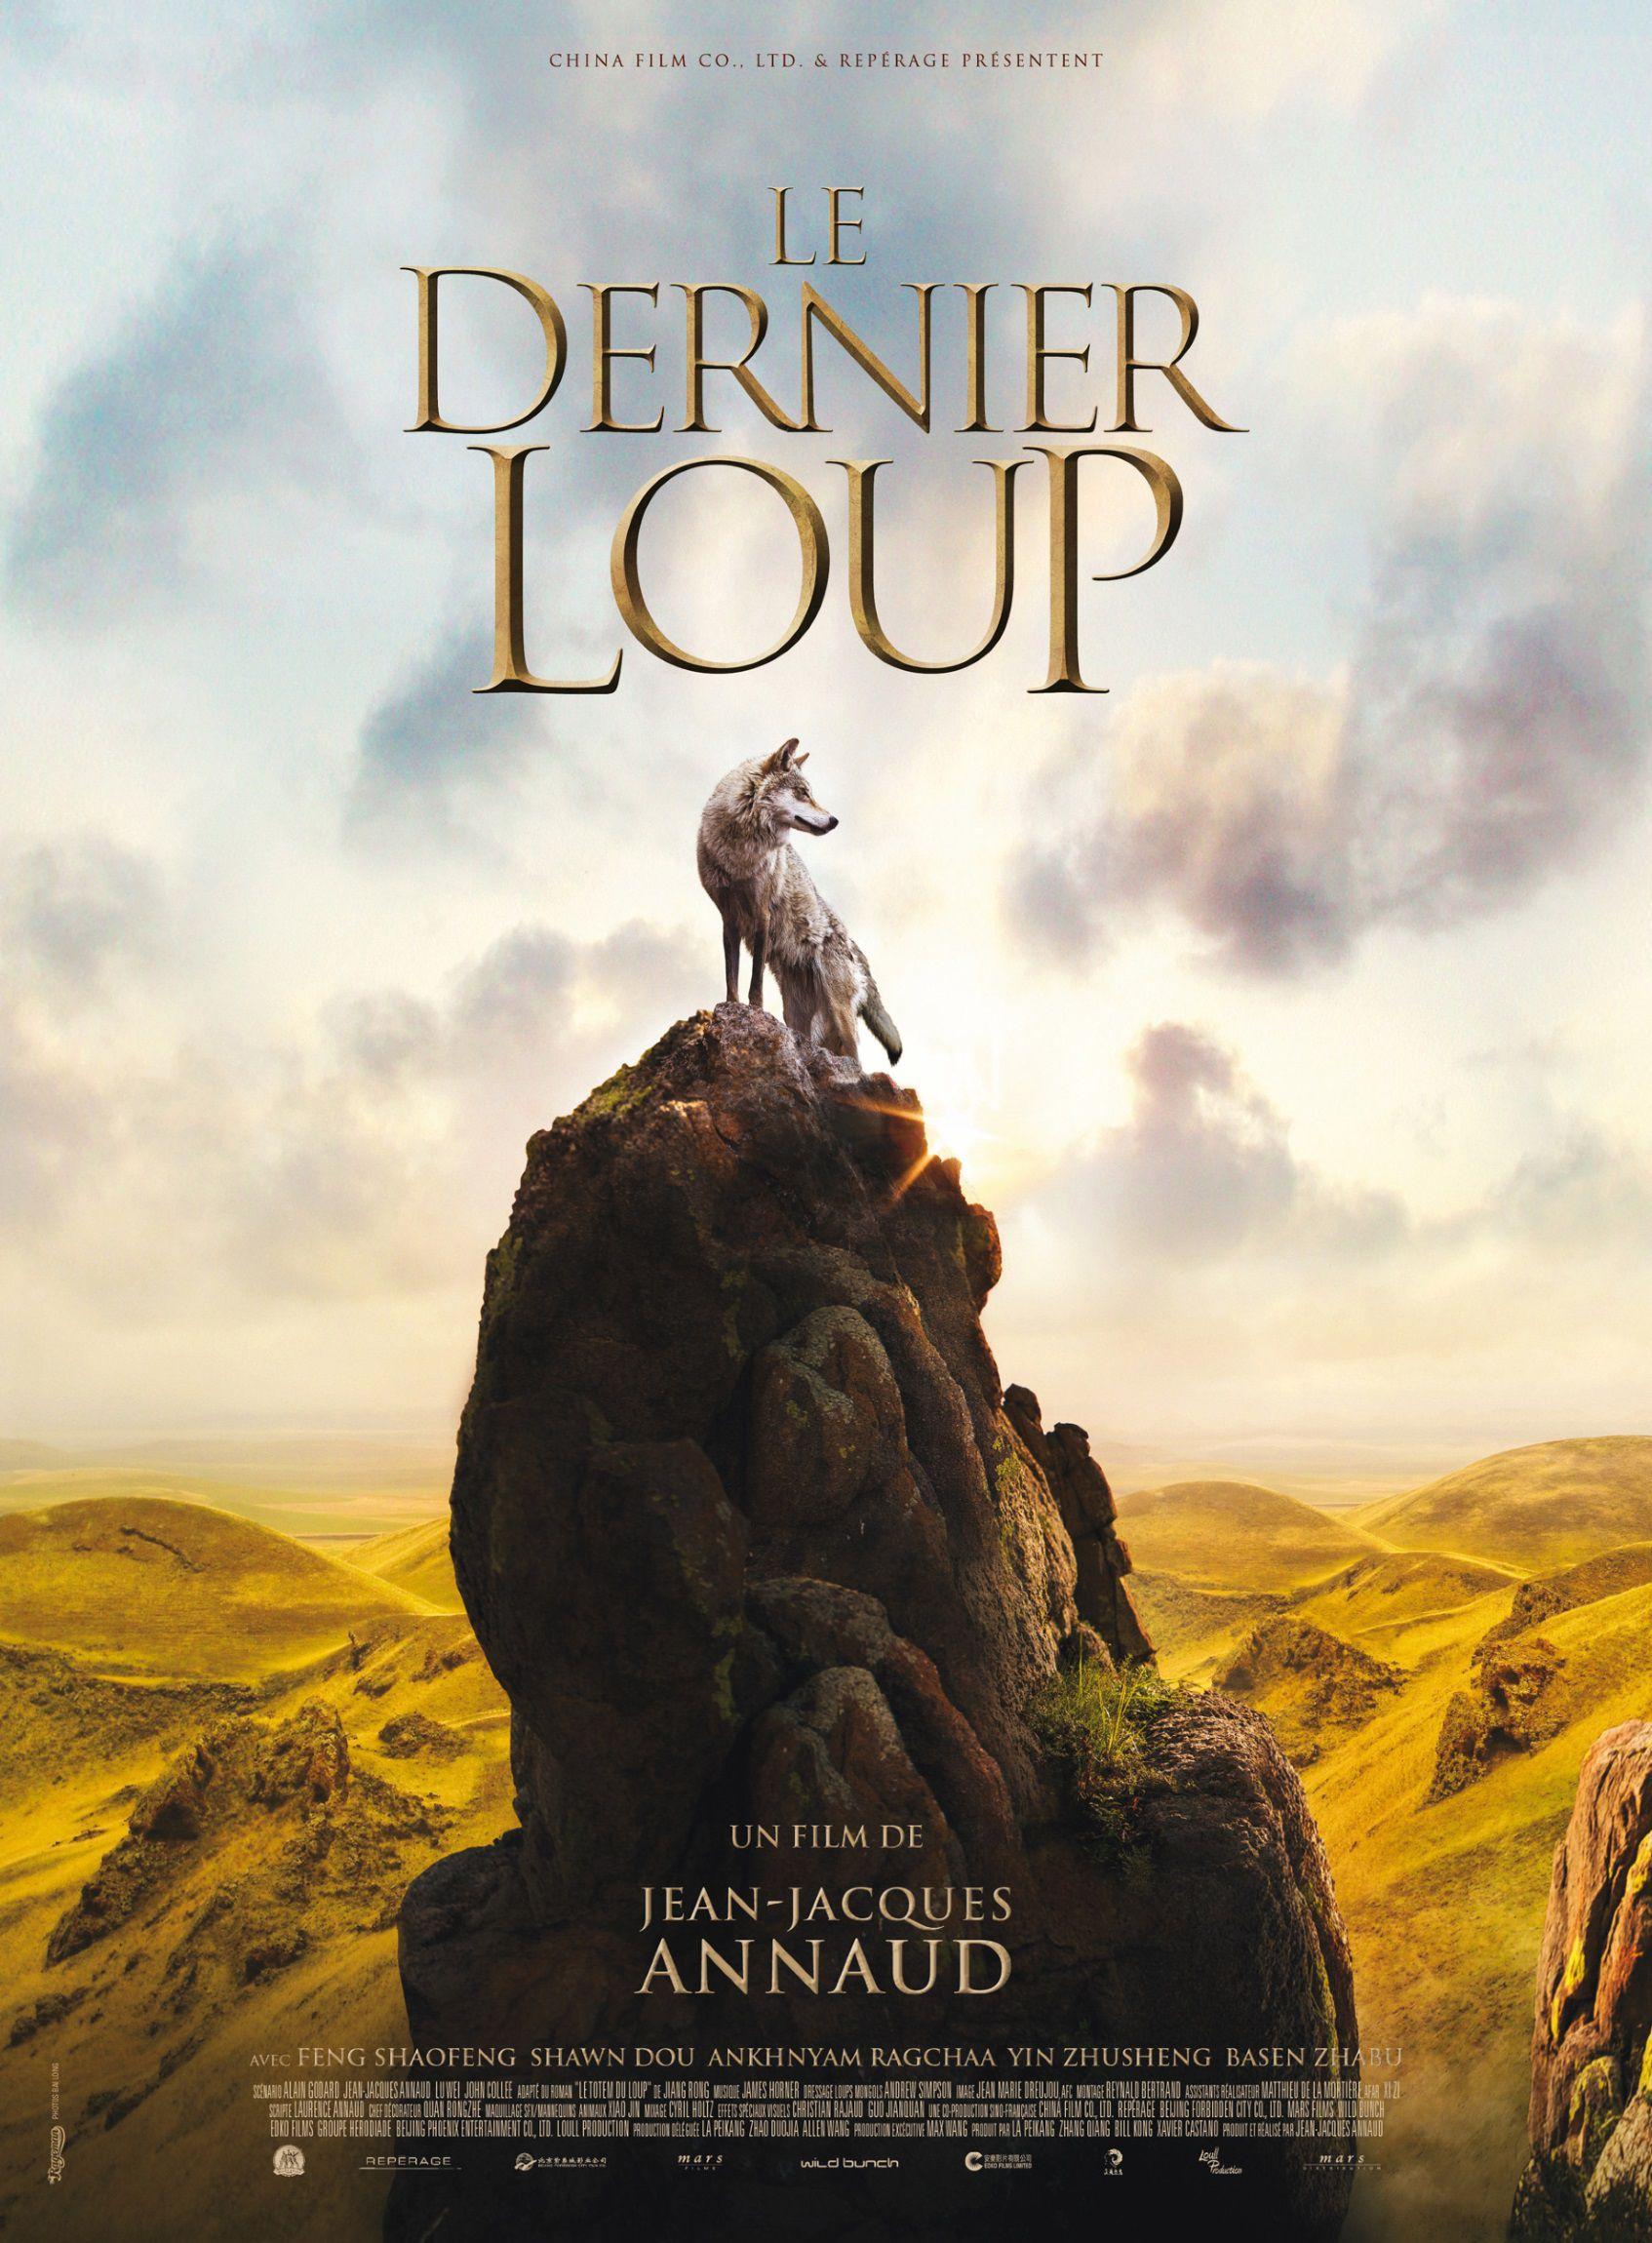 Le Dernier Loup - Film (2015)